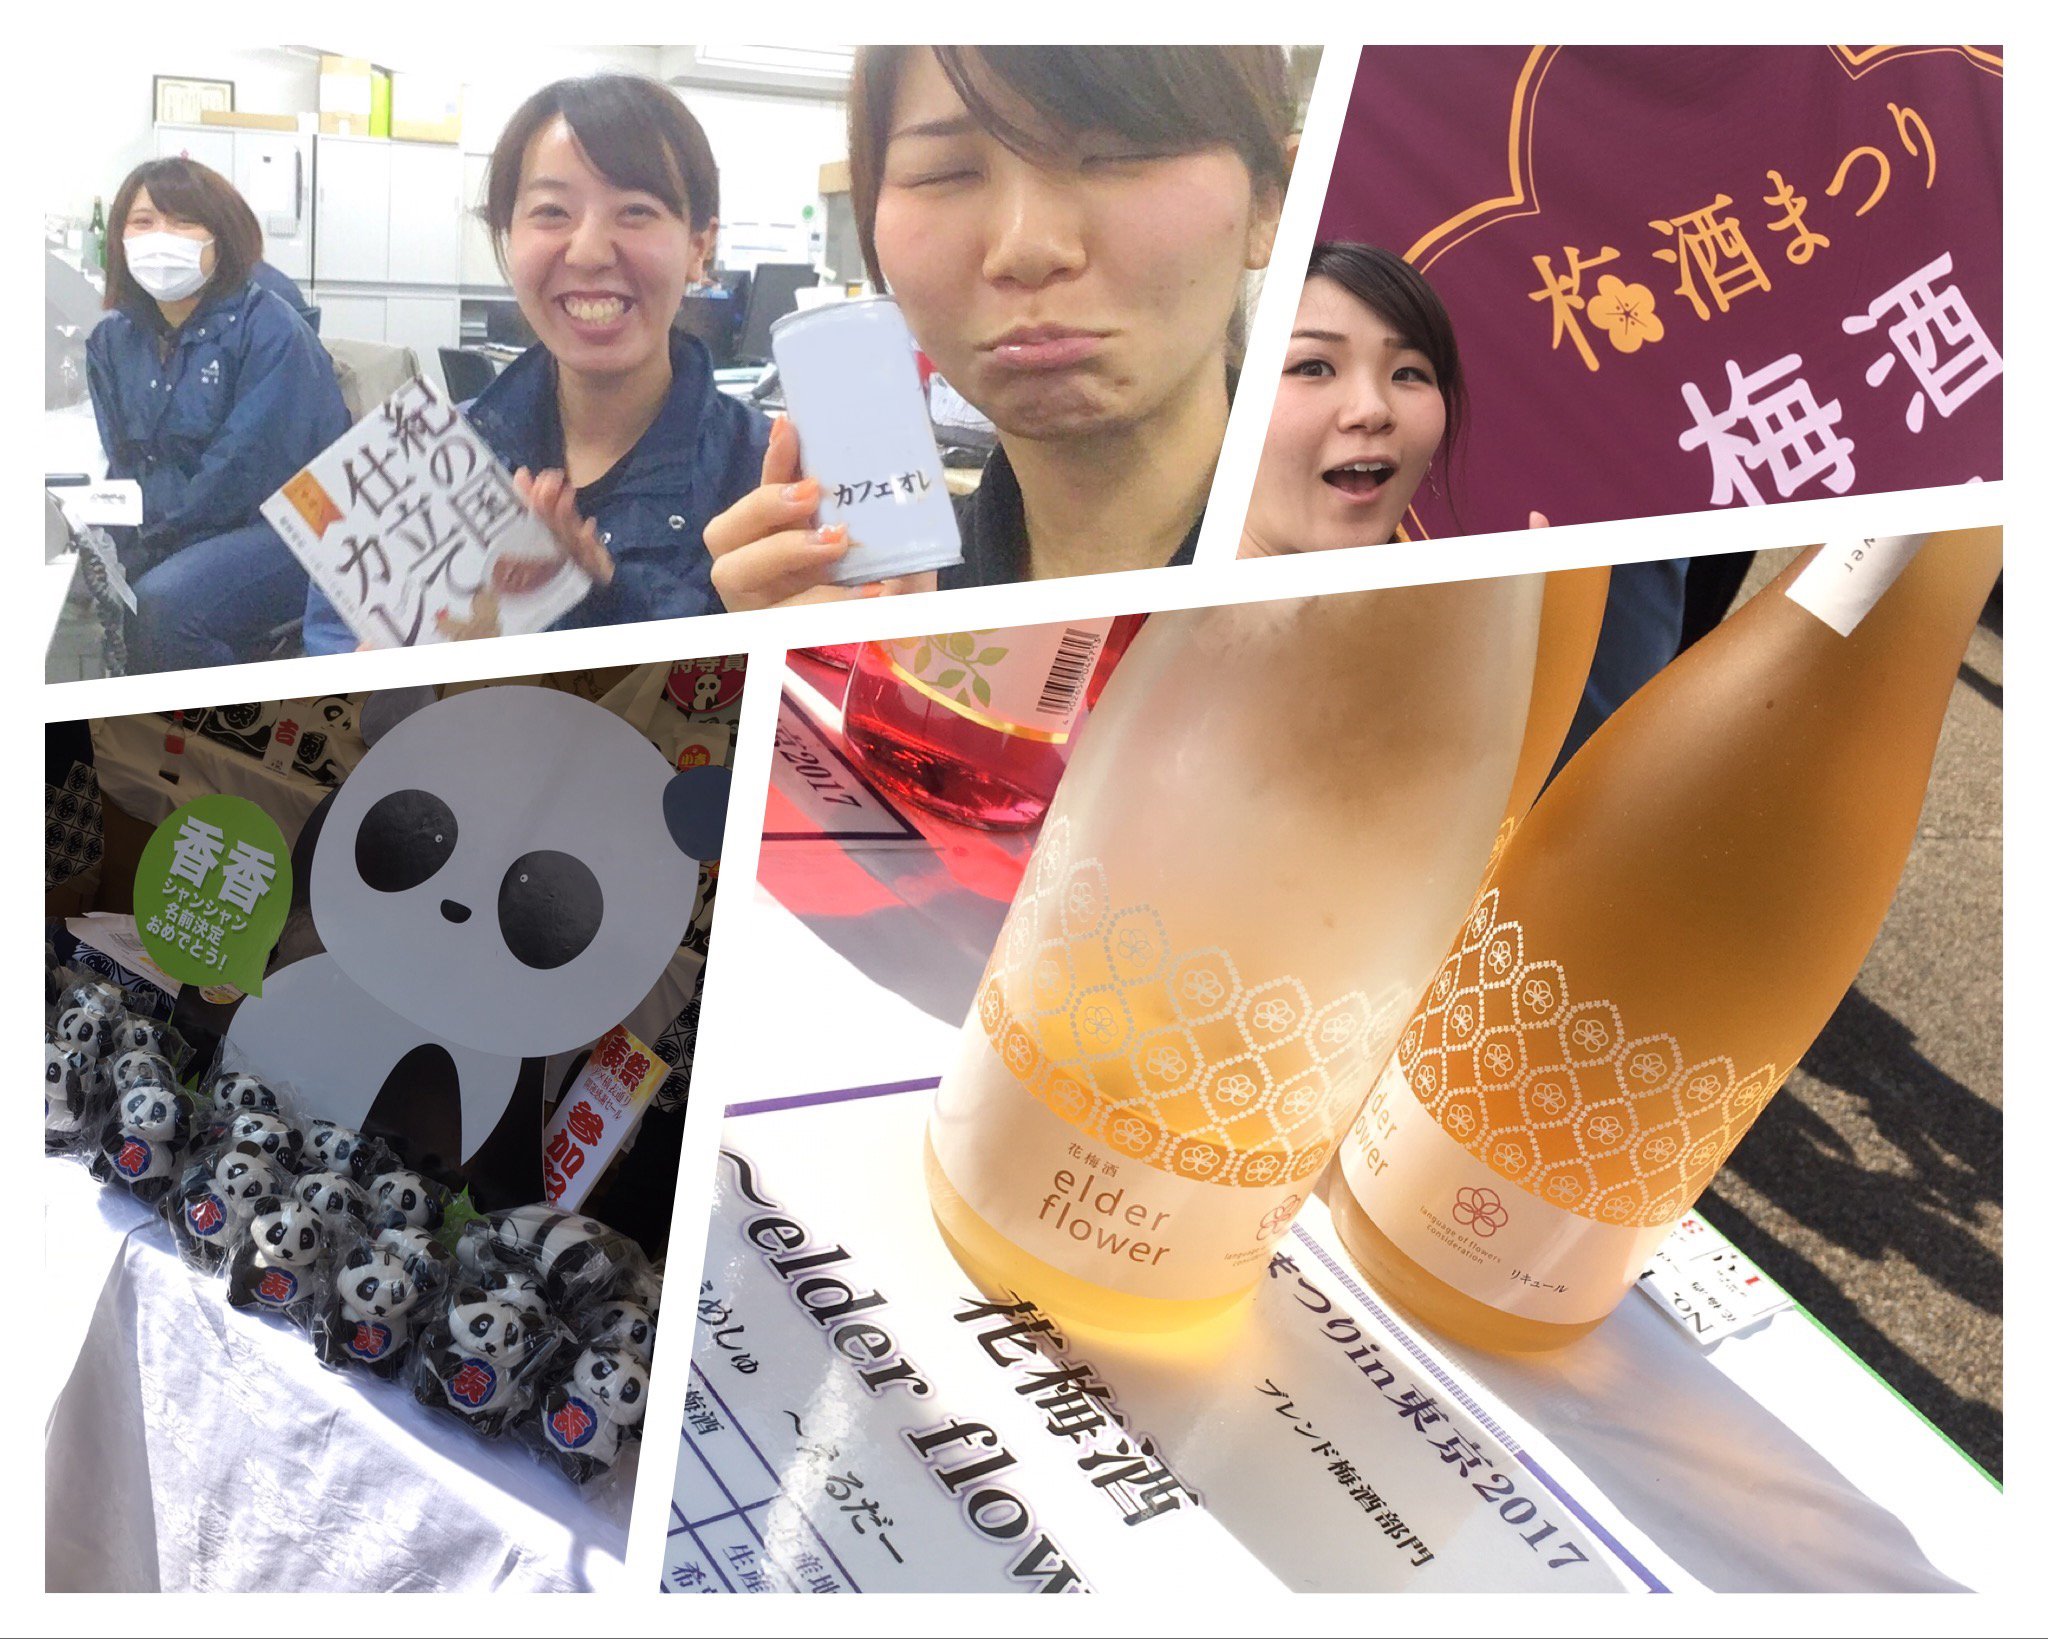 梅酒まつりにパンダまつり!上野の中心で想いを叫ぶ(ー